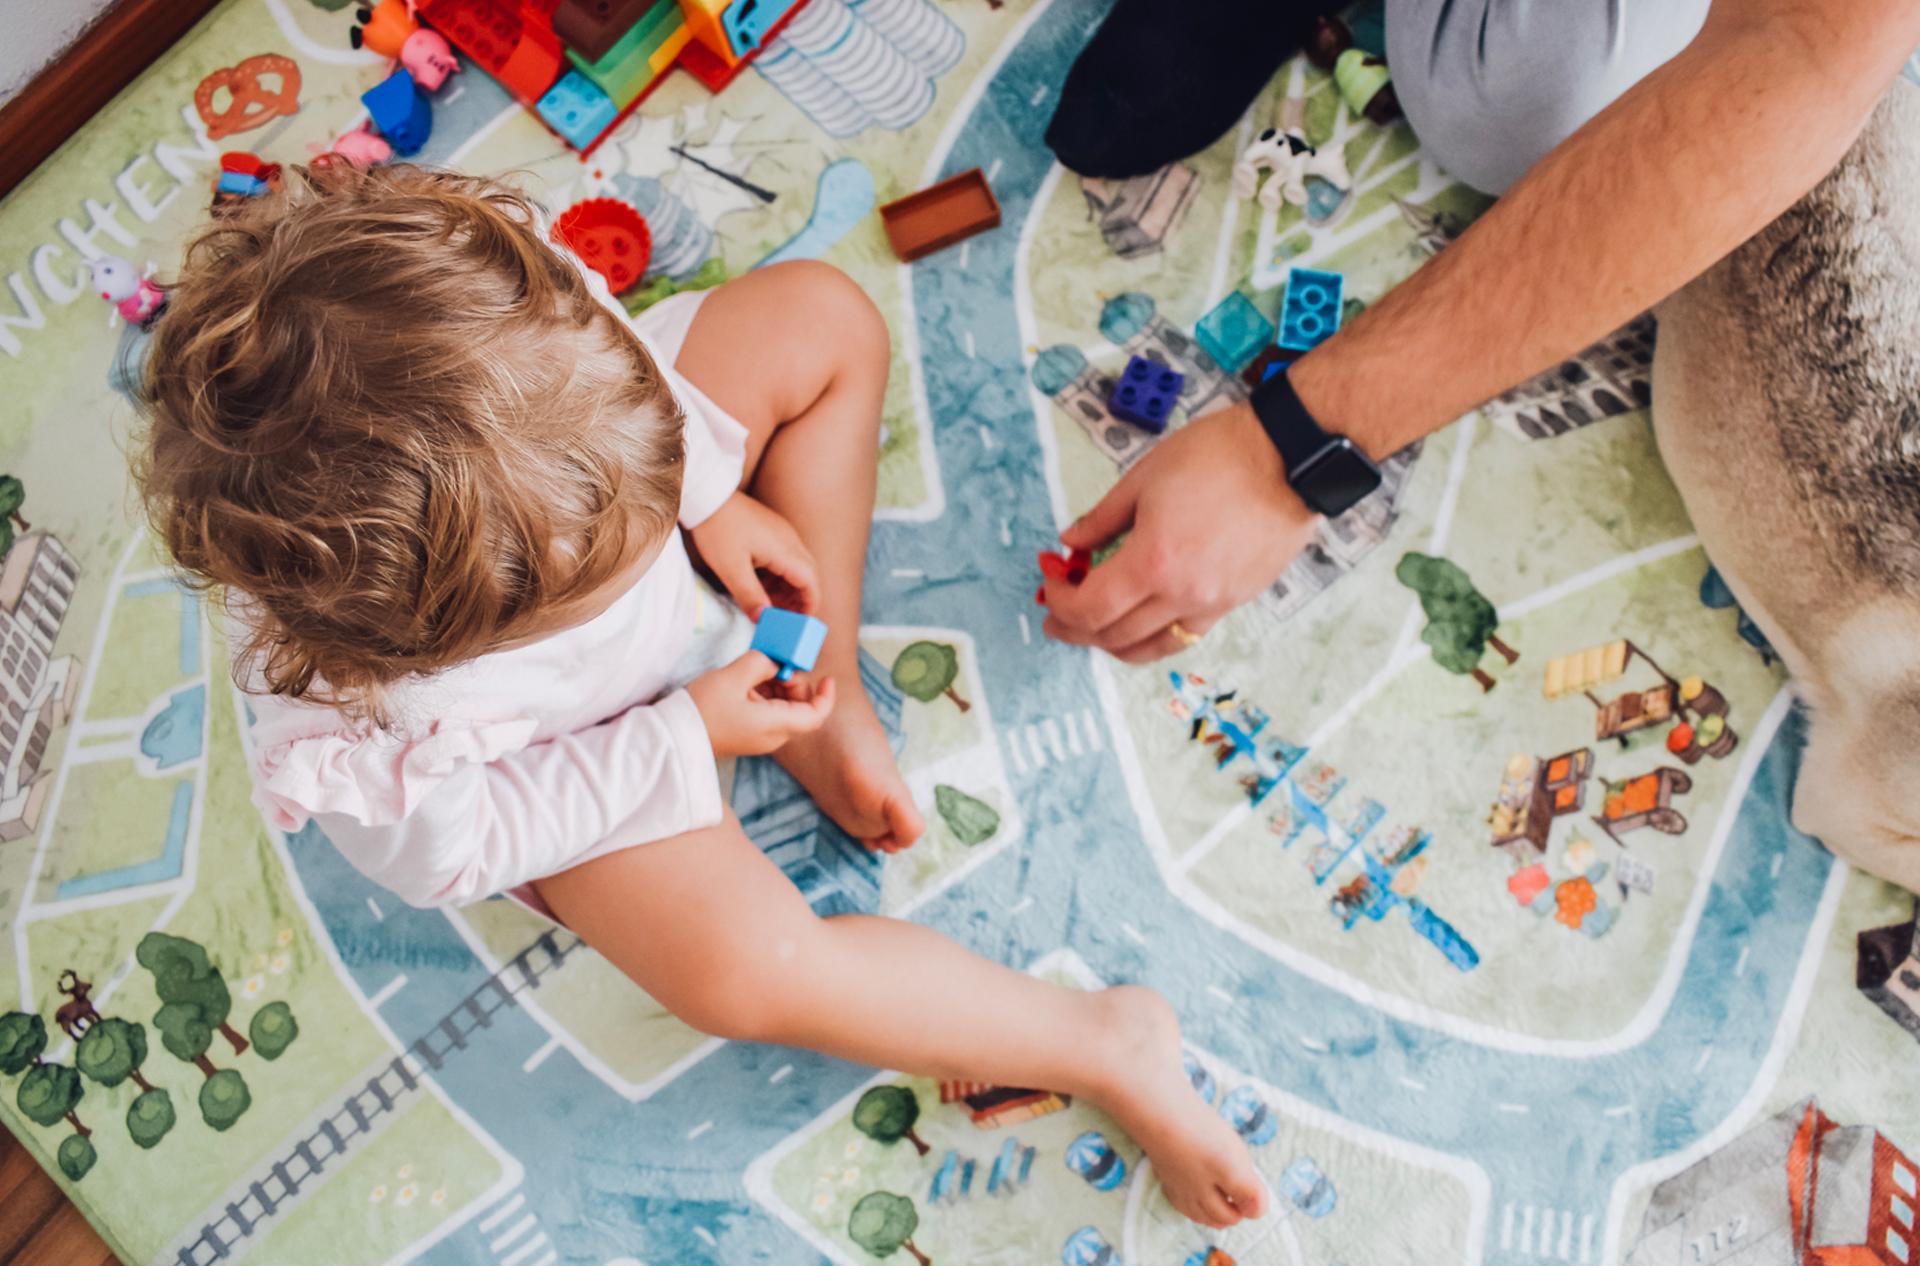 Spielteppich Muenchen happycitykids Mama Blog München